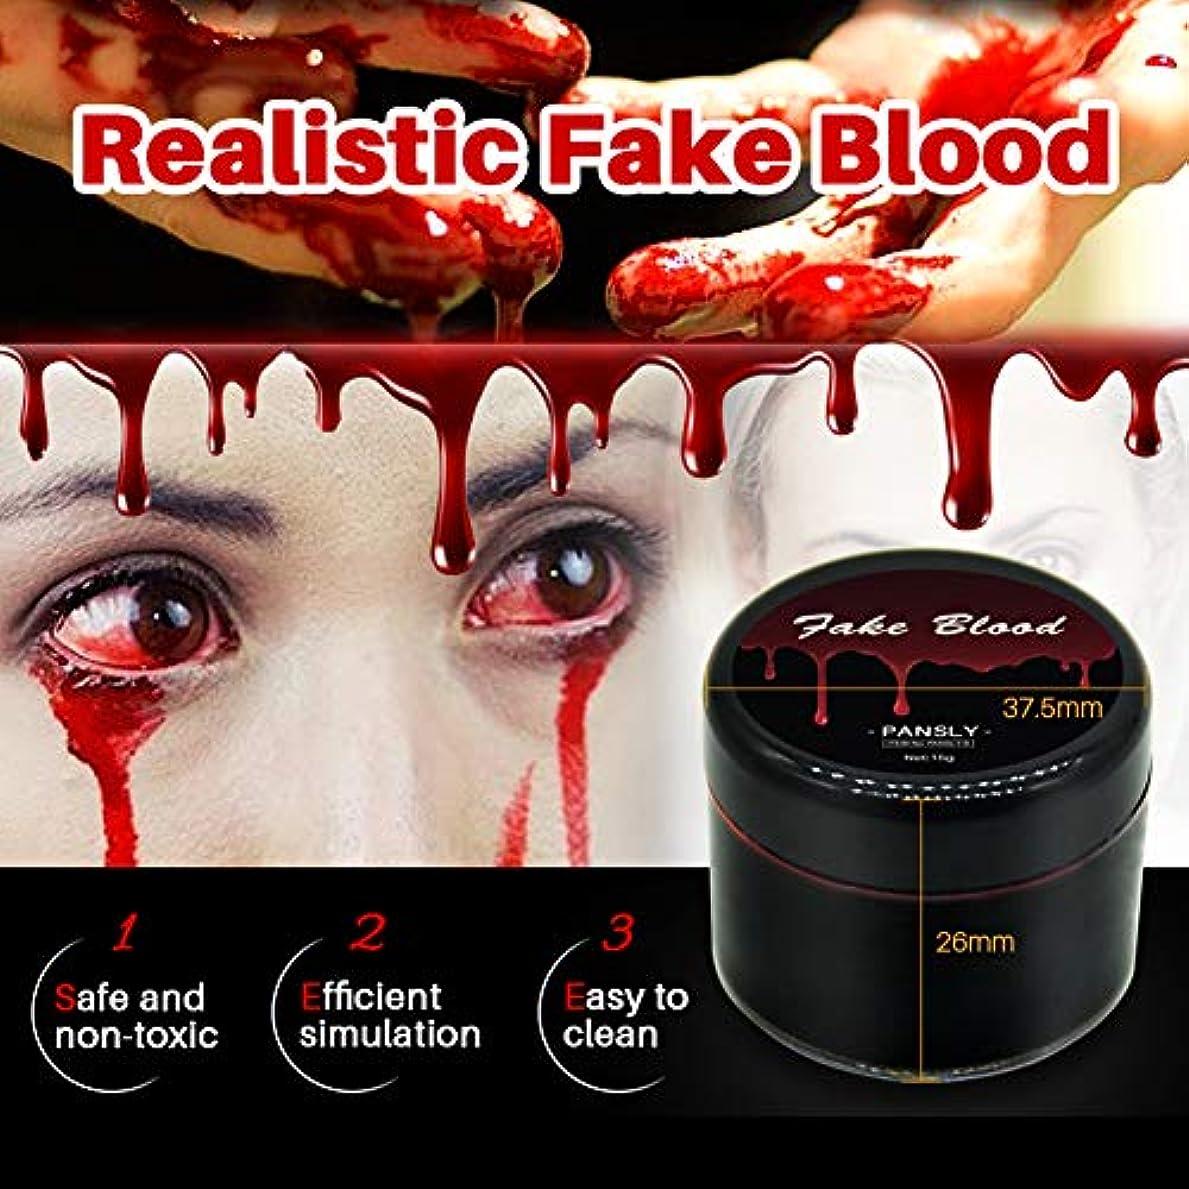 15ミリリットル現実的な偽吸血鬼血ハロウィーンパーティーコスプレ化粧トリックジョーク玩具